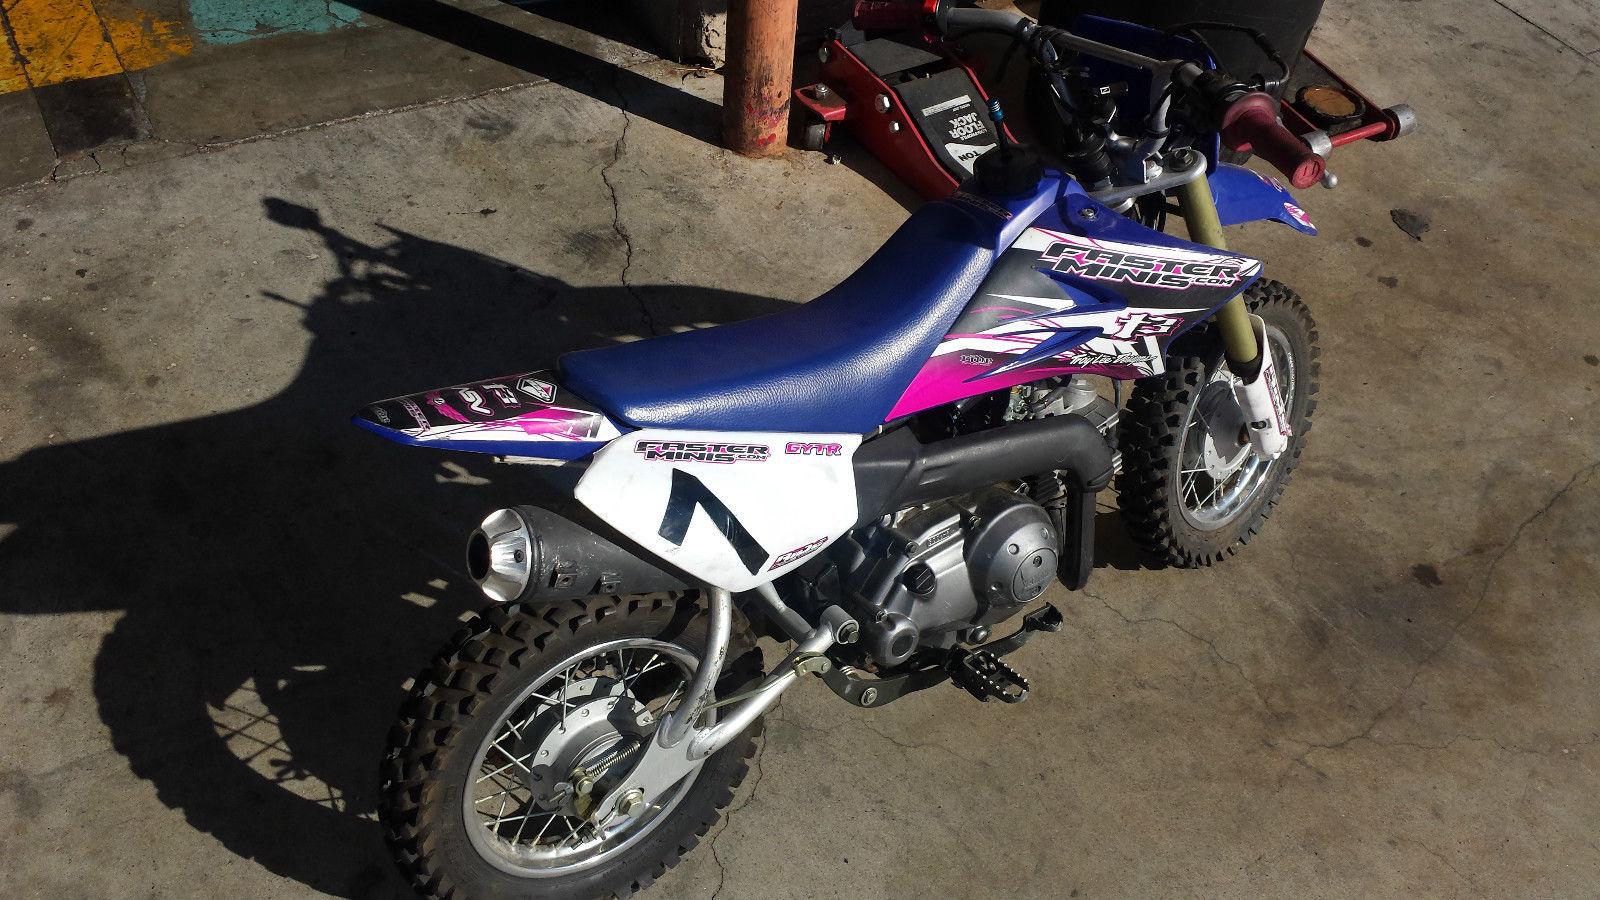 2007 yamaha ttr 50 dirt bike